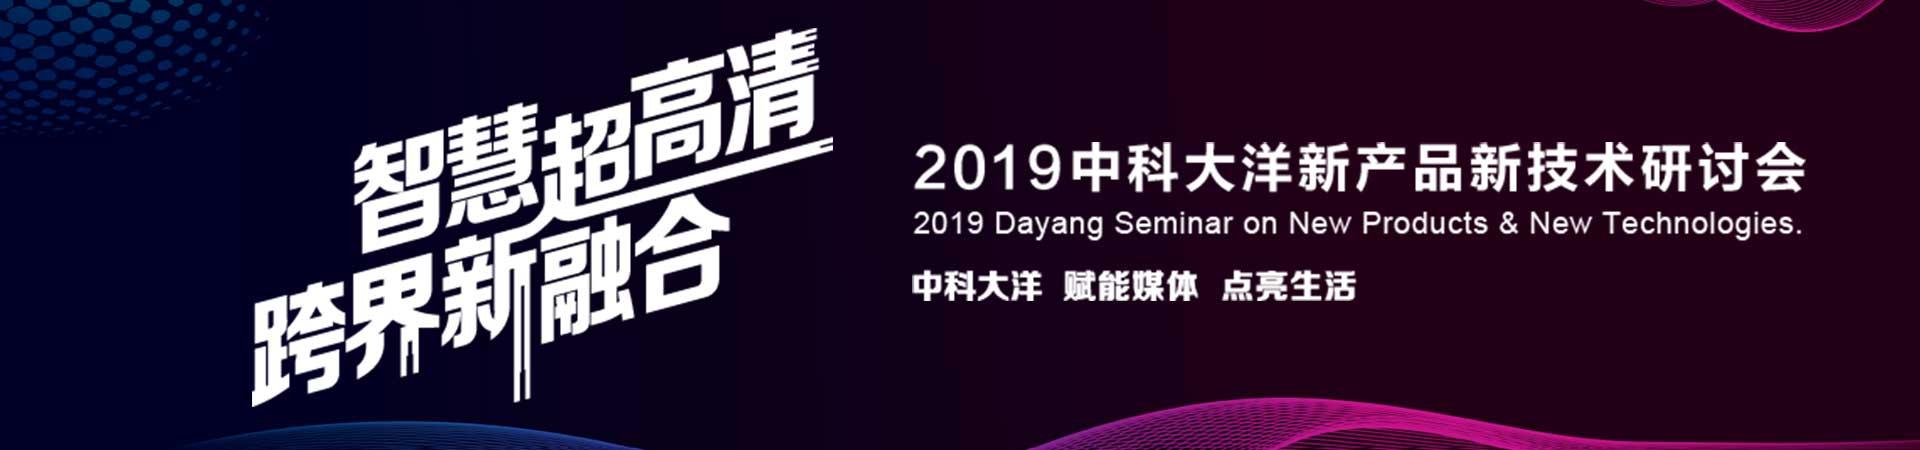 2019中科大洋新产品新技术研讨会,期待您的莅临!